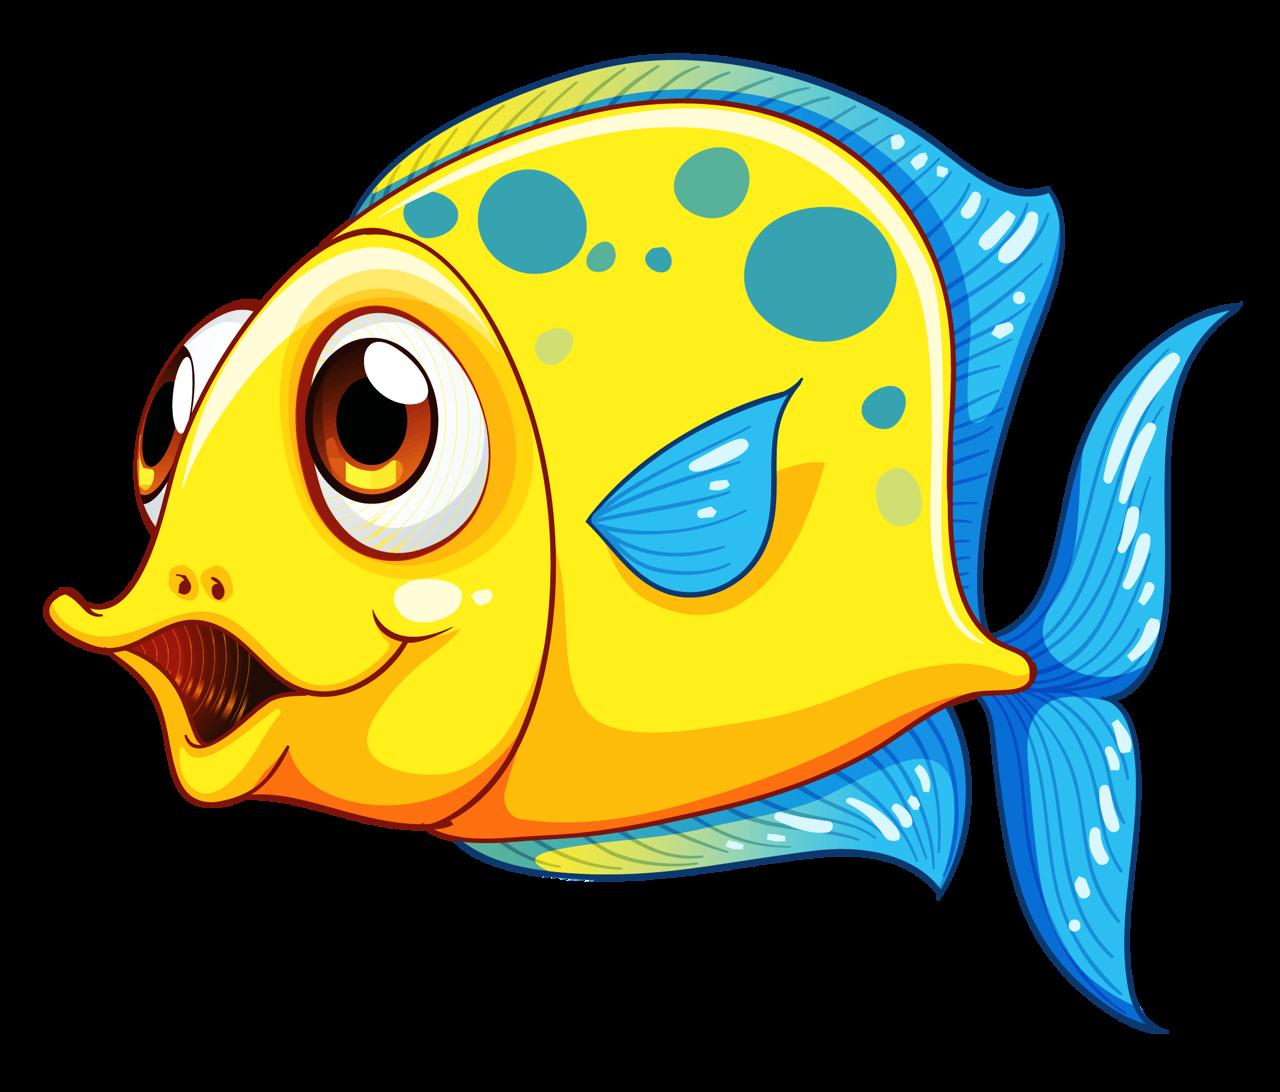 Goldfish ish